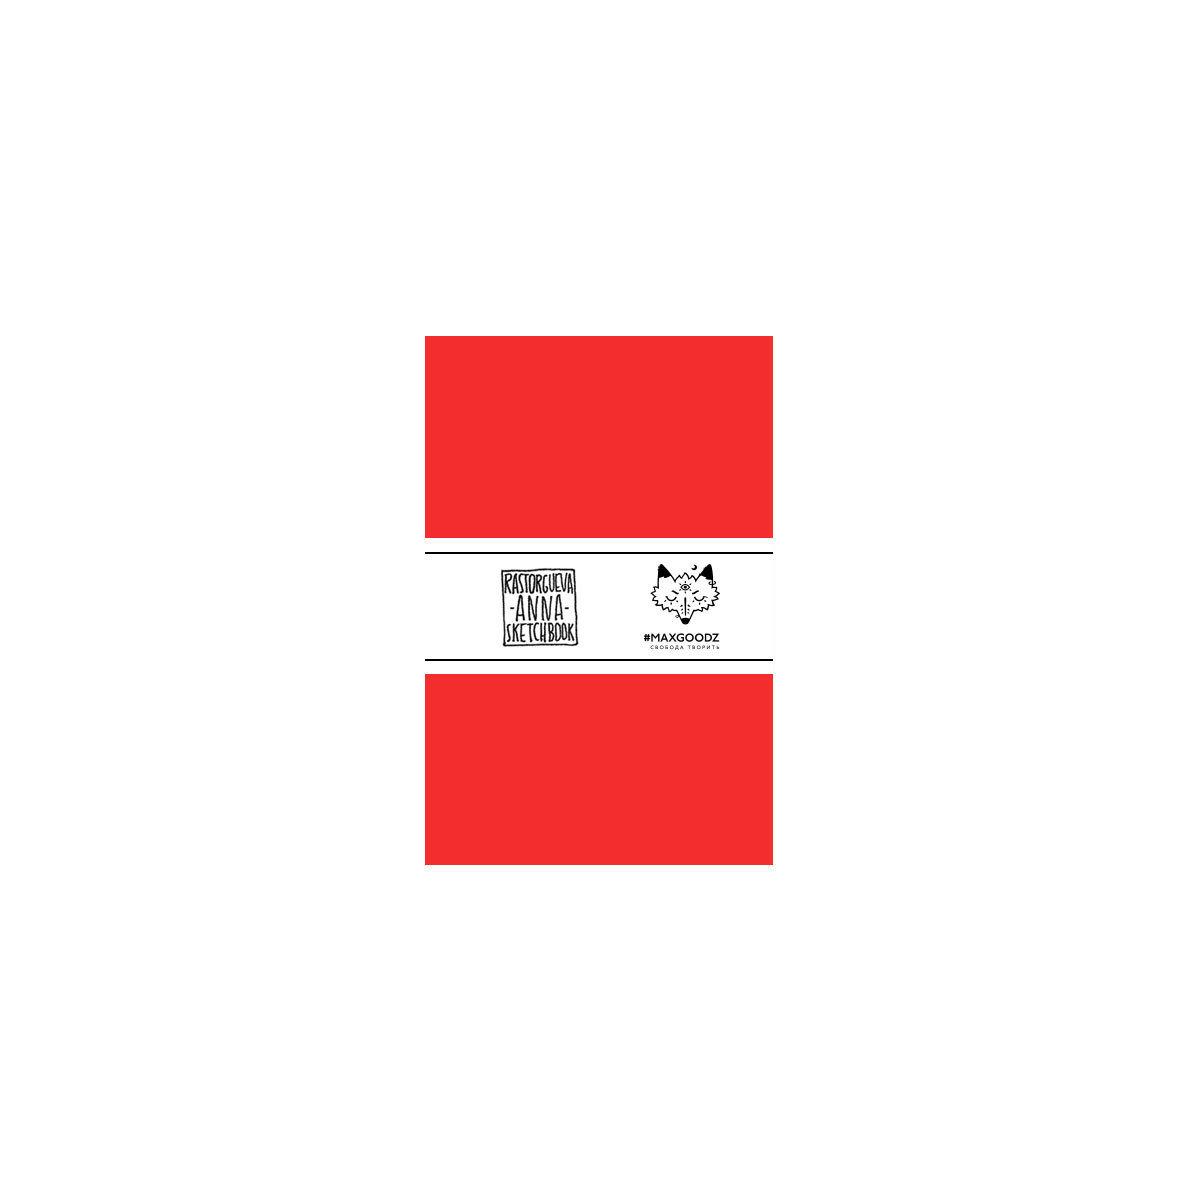 Купить Скетчбук для маркеров Maxgoodz Pocket Marker А6, 20 л, 220 г Алый, Россия